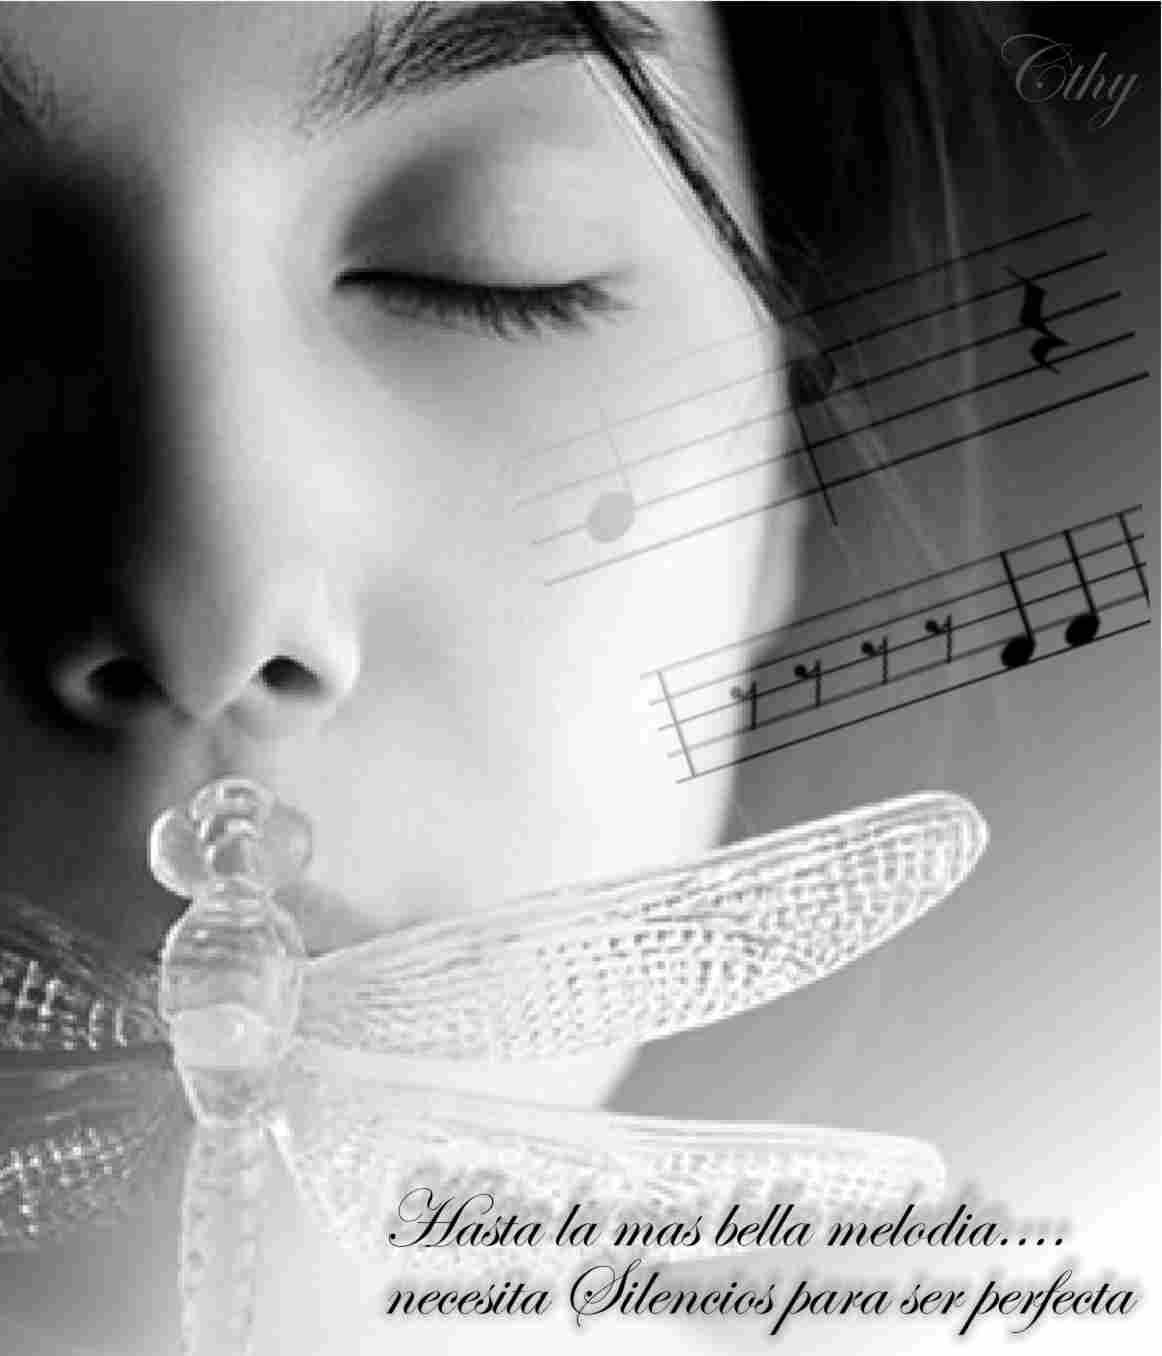 El silencio mas triste del mundo - Página 17 Silencio+melodico